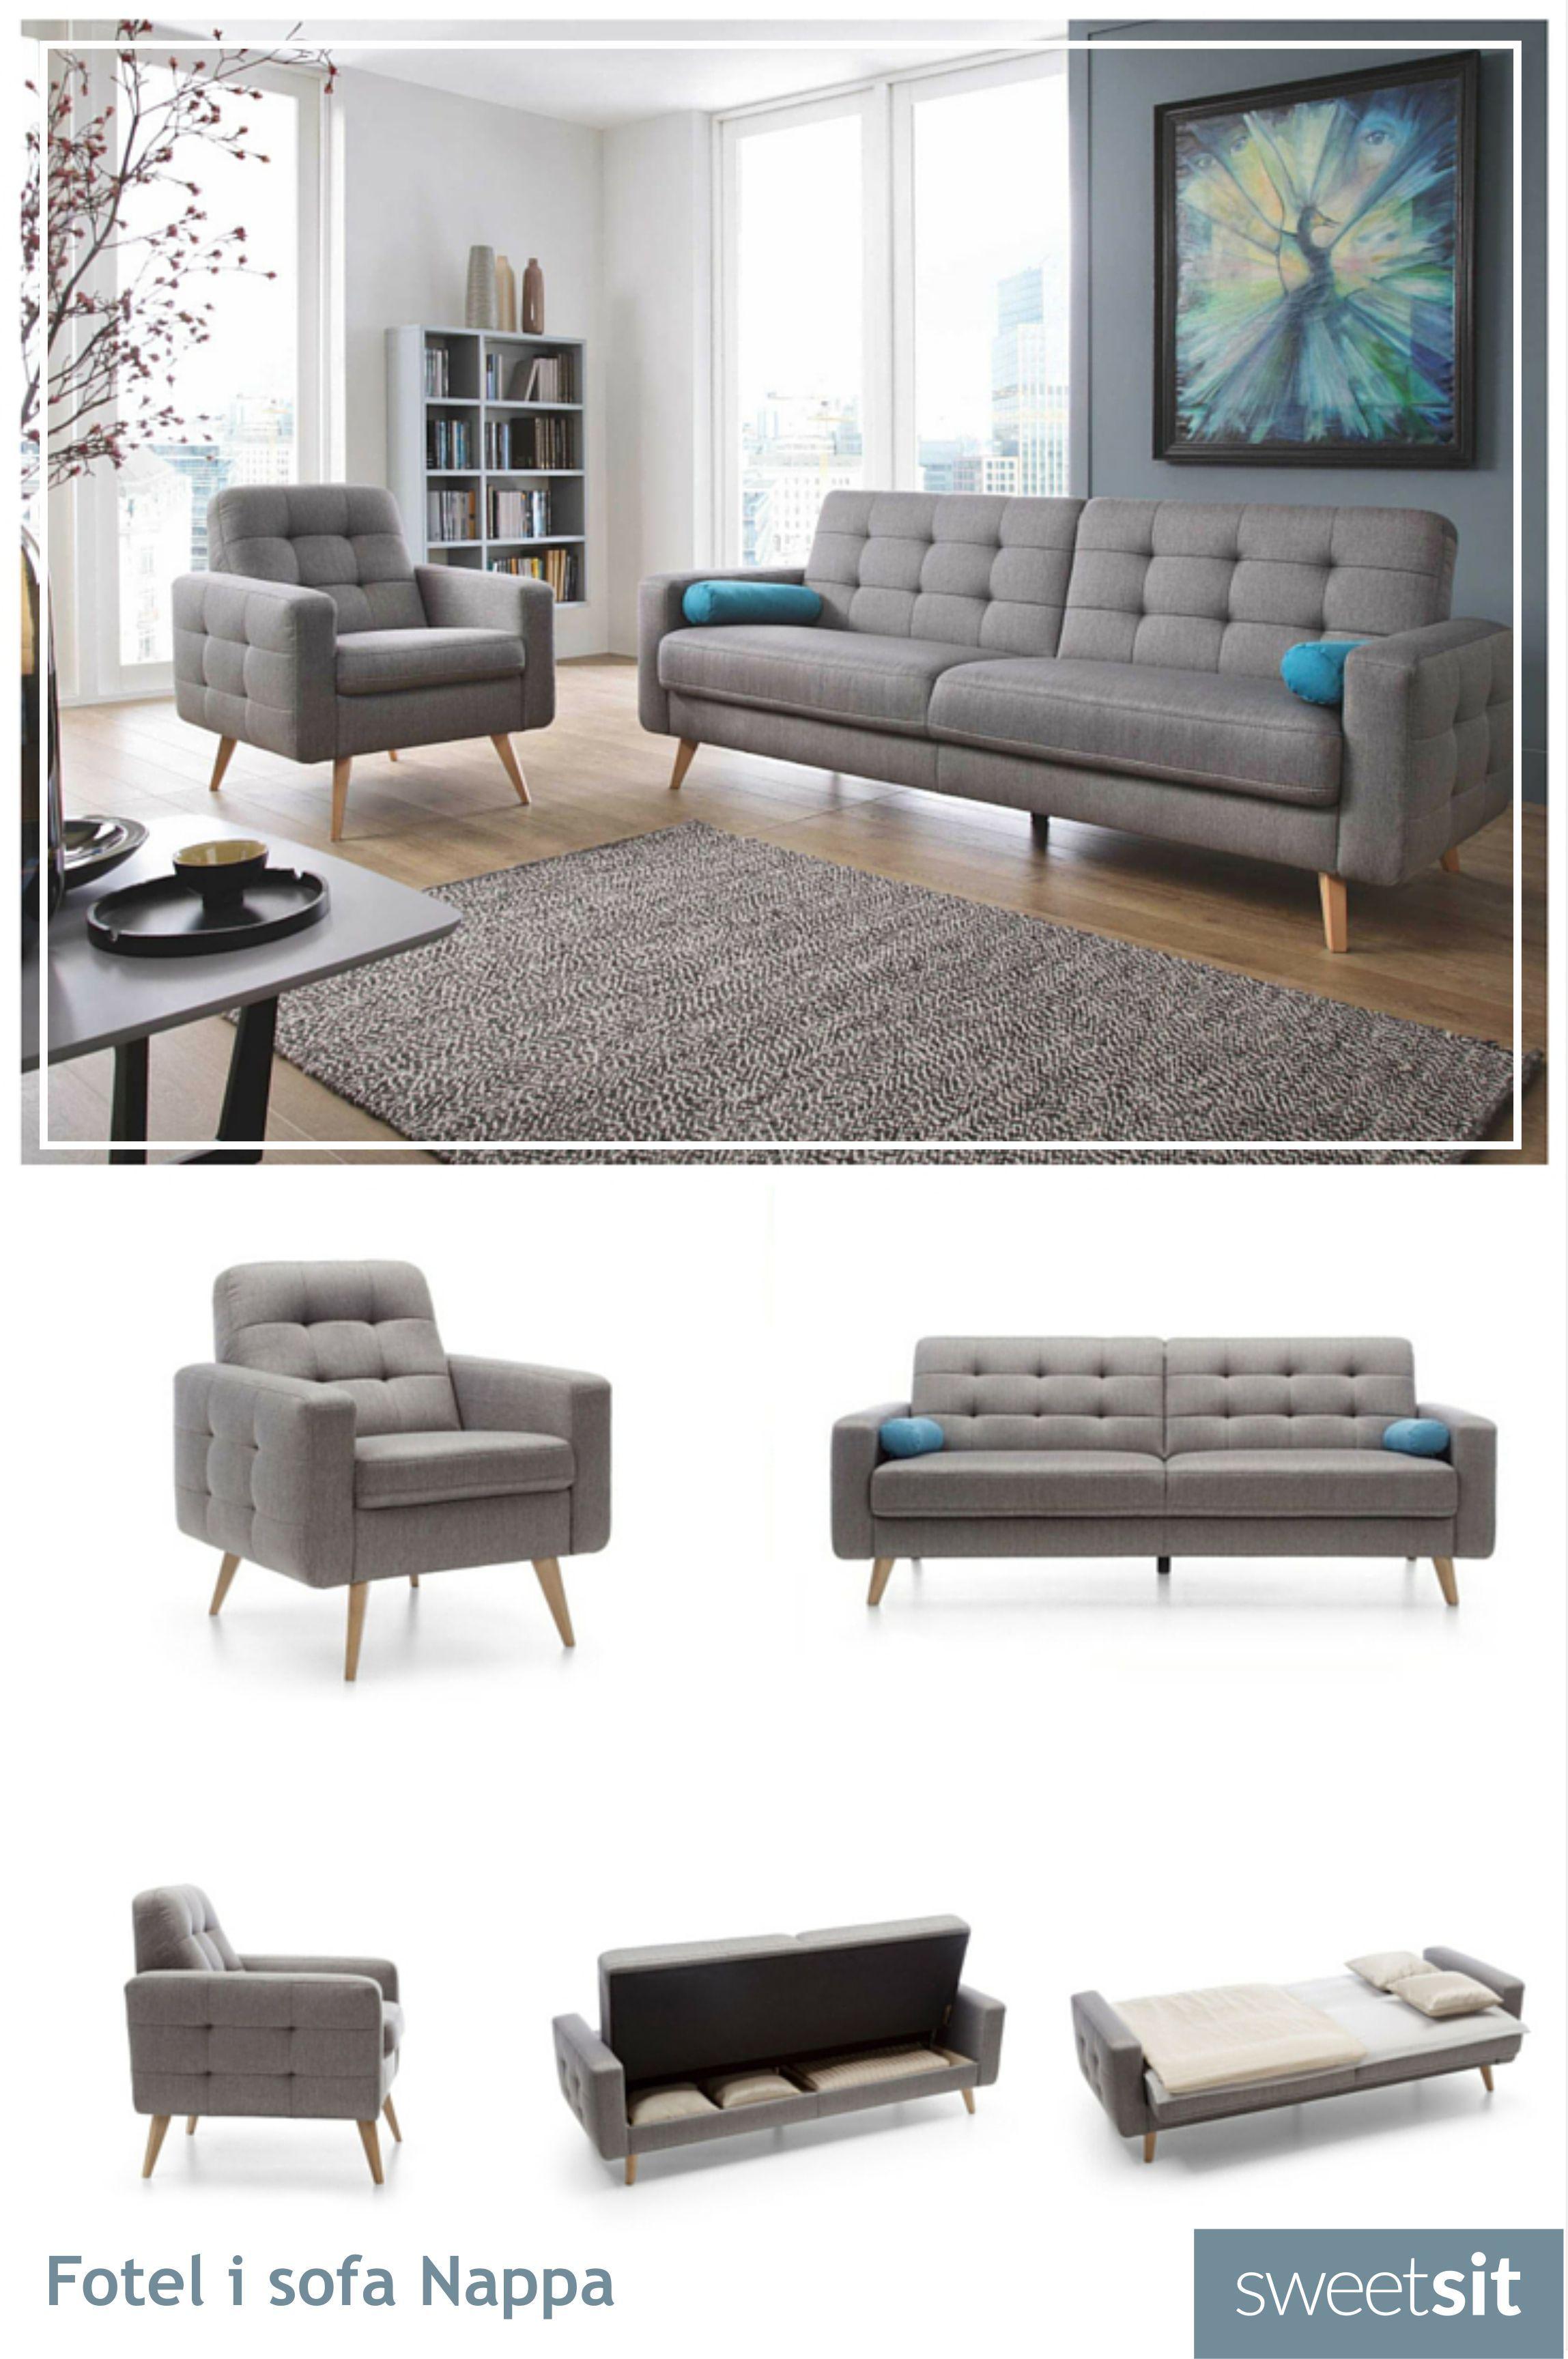 Sofa i fotel Nappa w modnym stylu skandynawskim stworzą przytulny